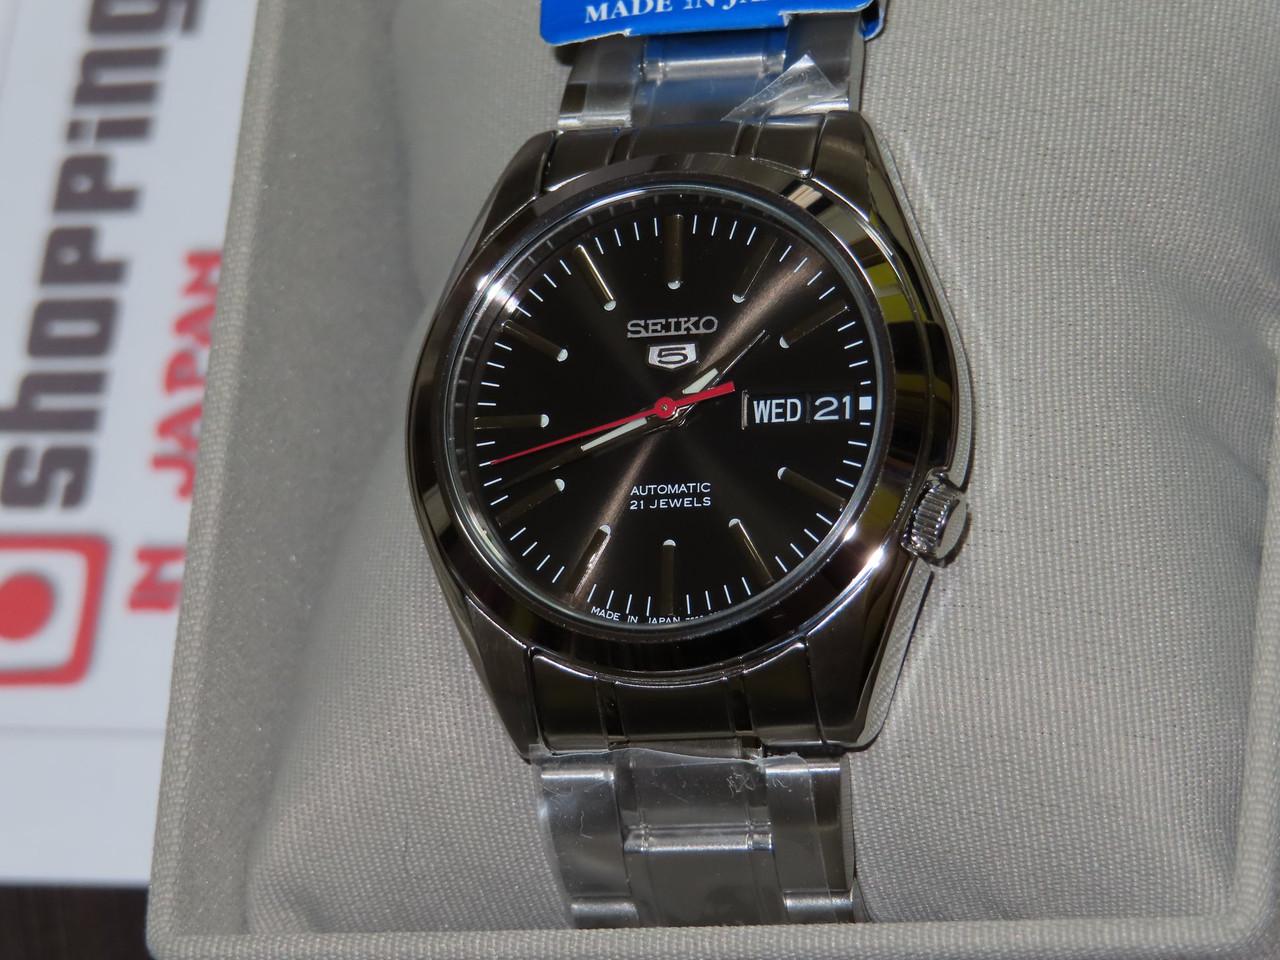 Seiko 5 Automatic 21 Jewels SNKL45J1